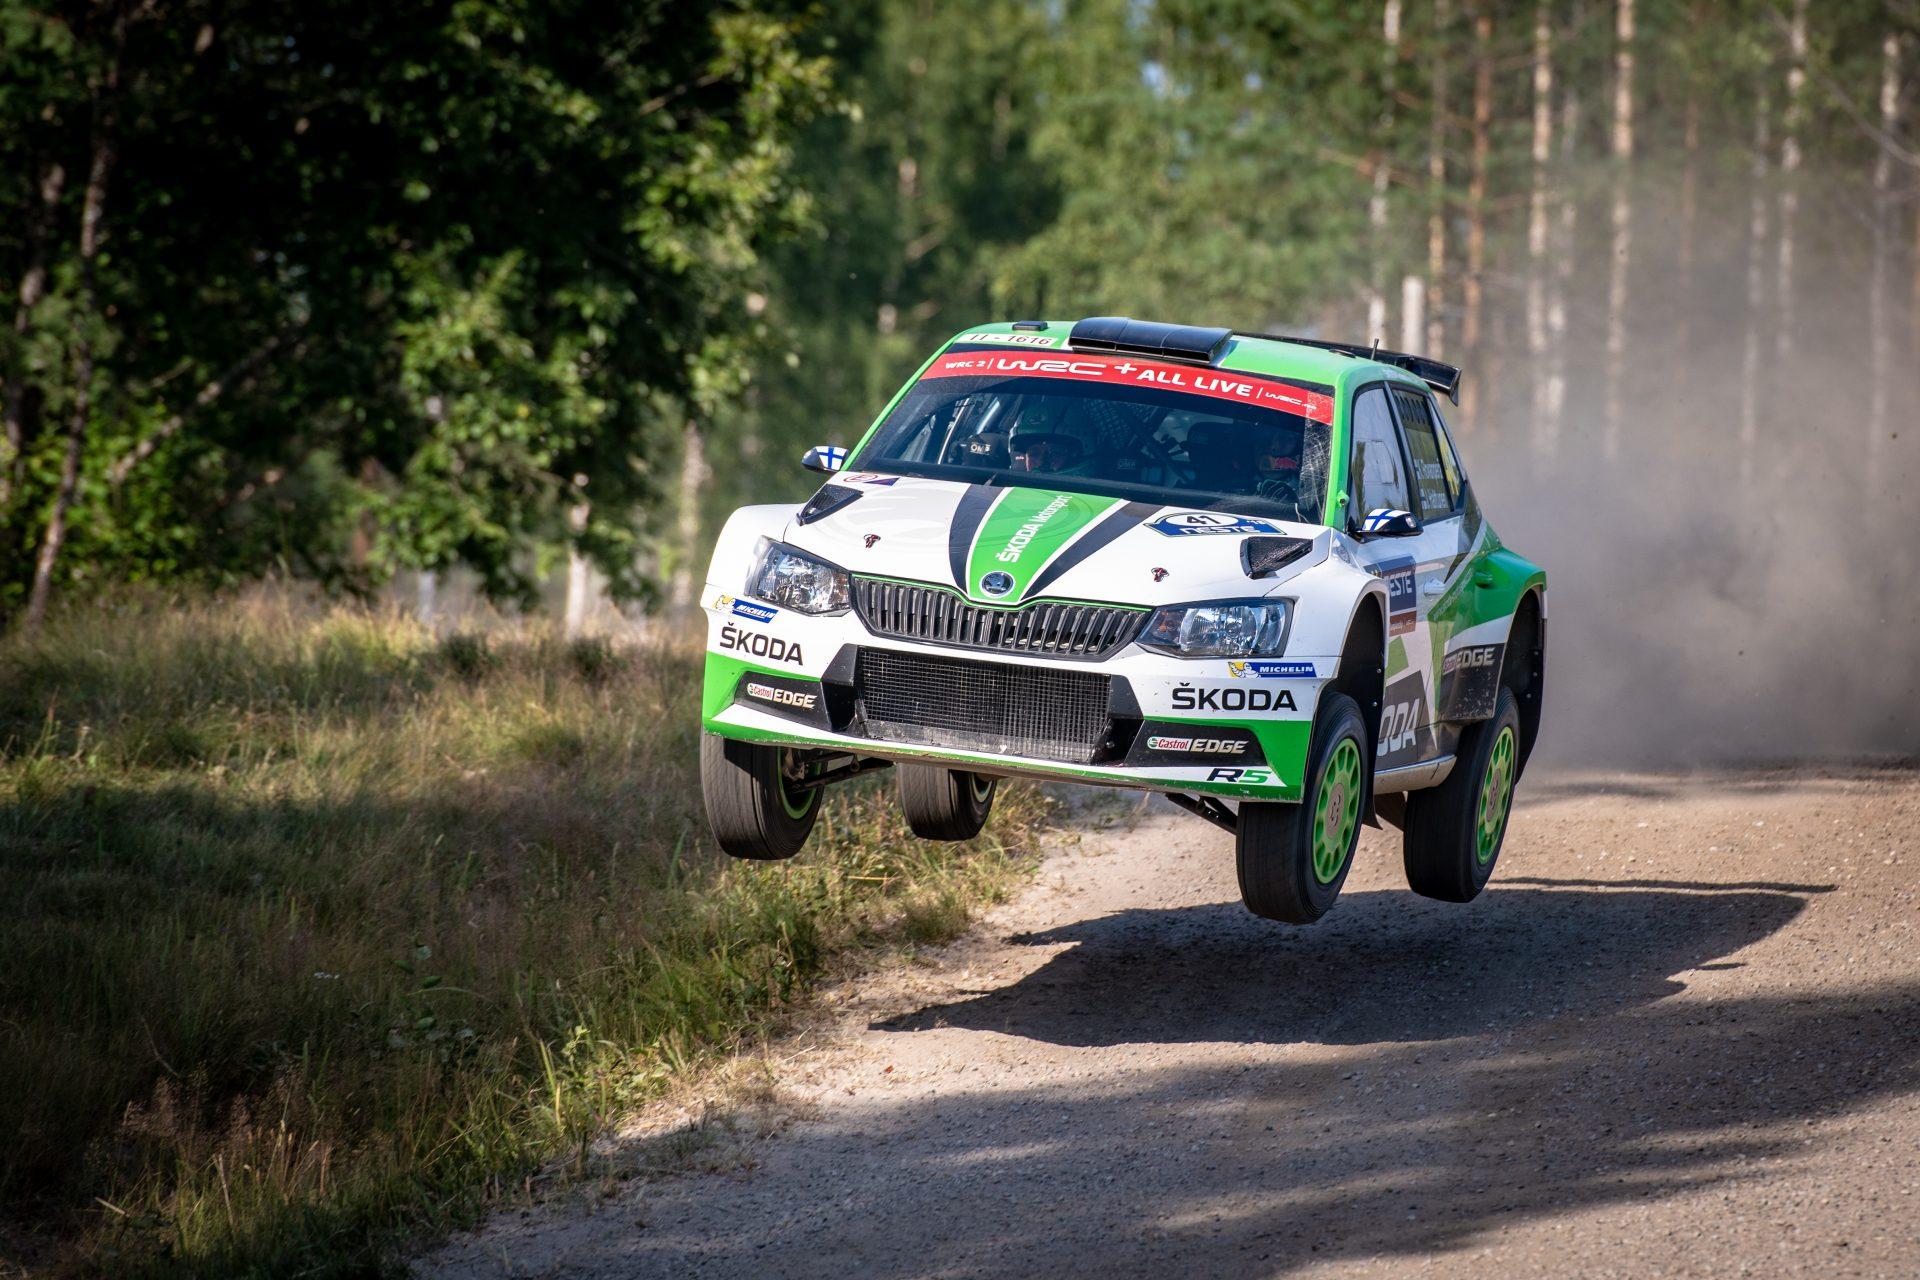 Užijte si nejlepší okamžiky z Finské rallye v našem souhrnném videu!